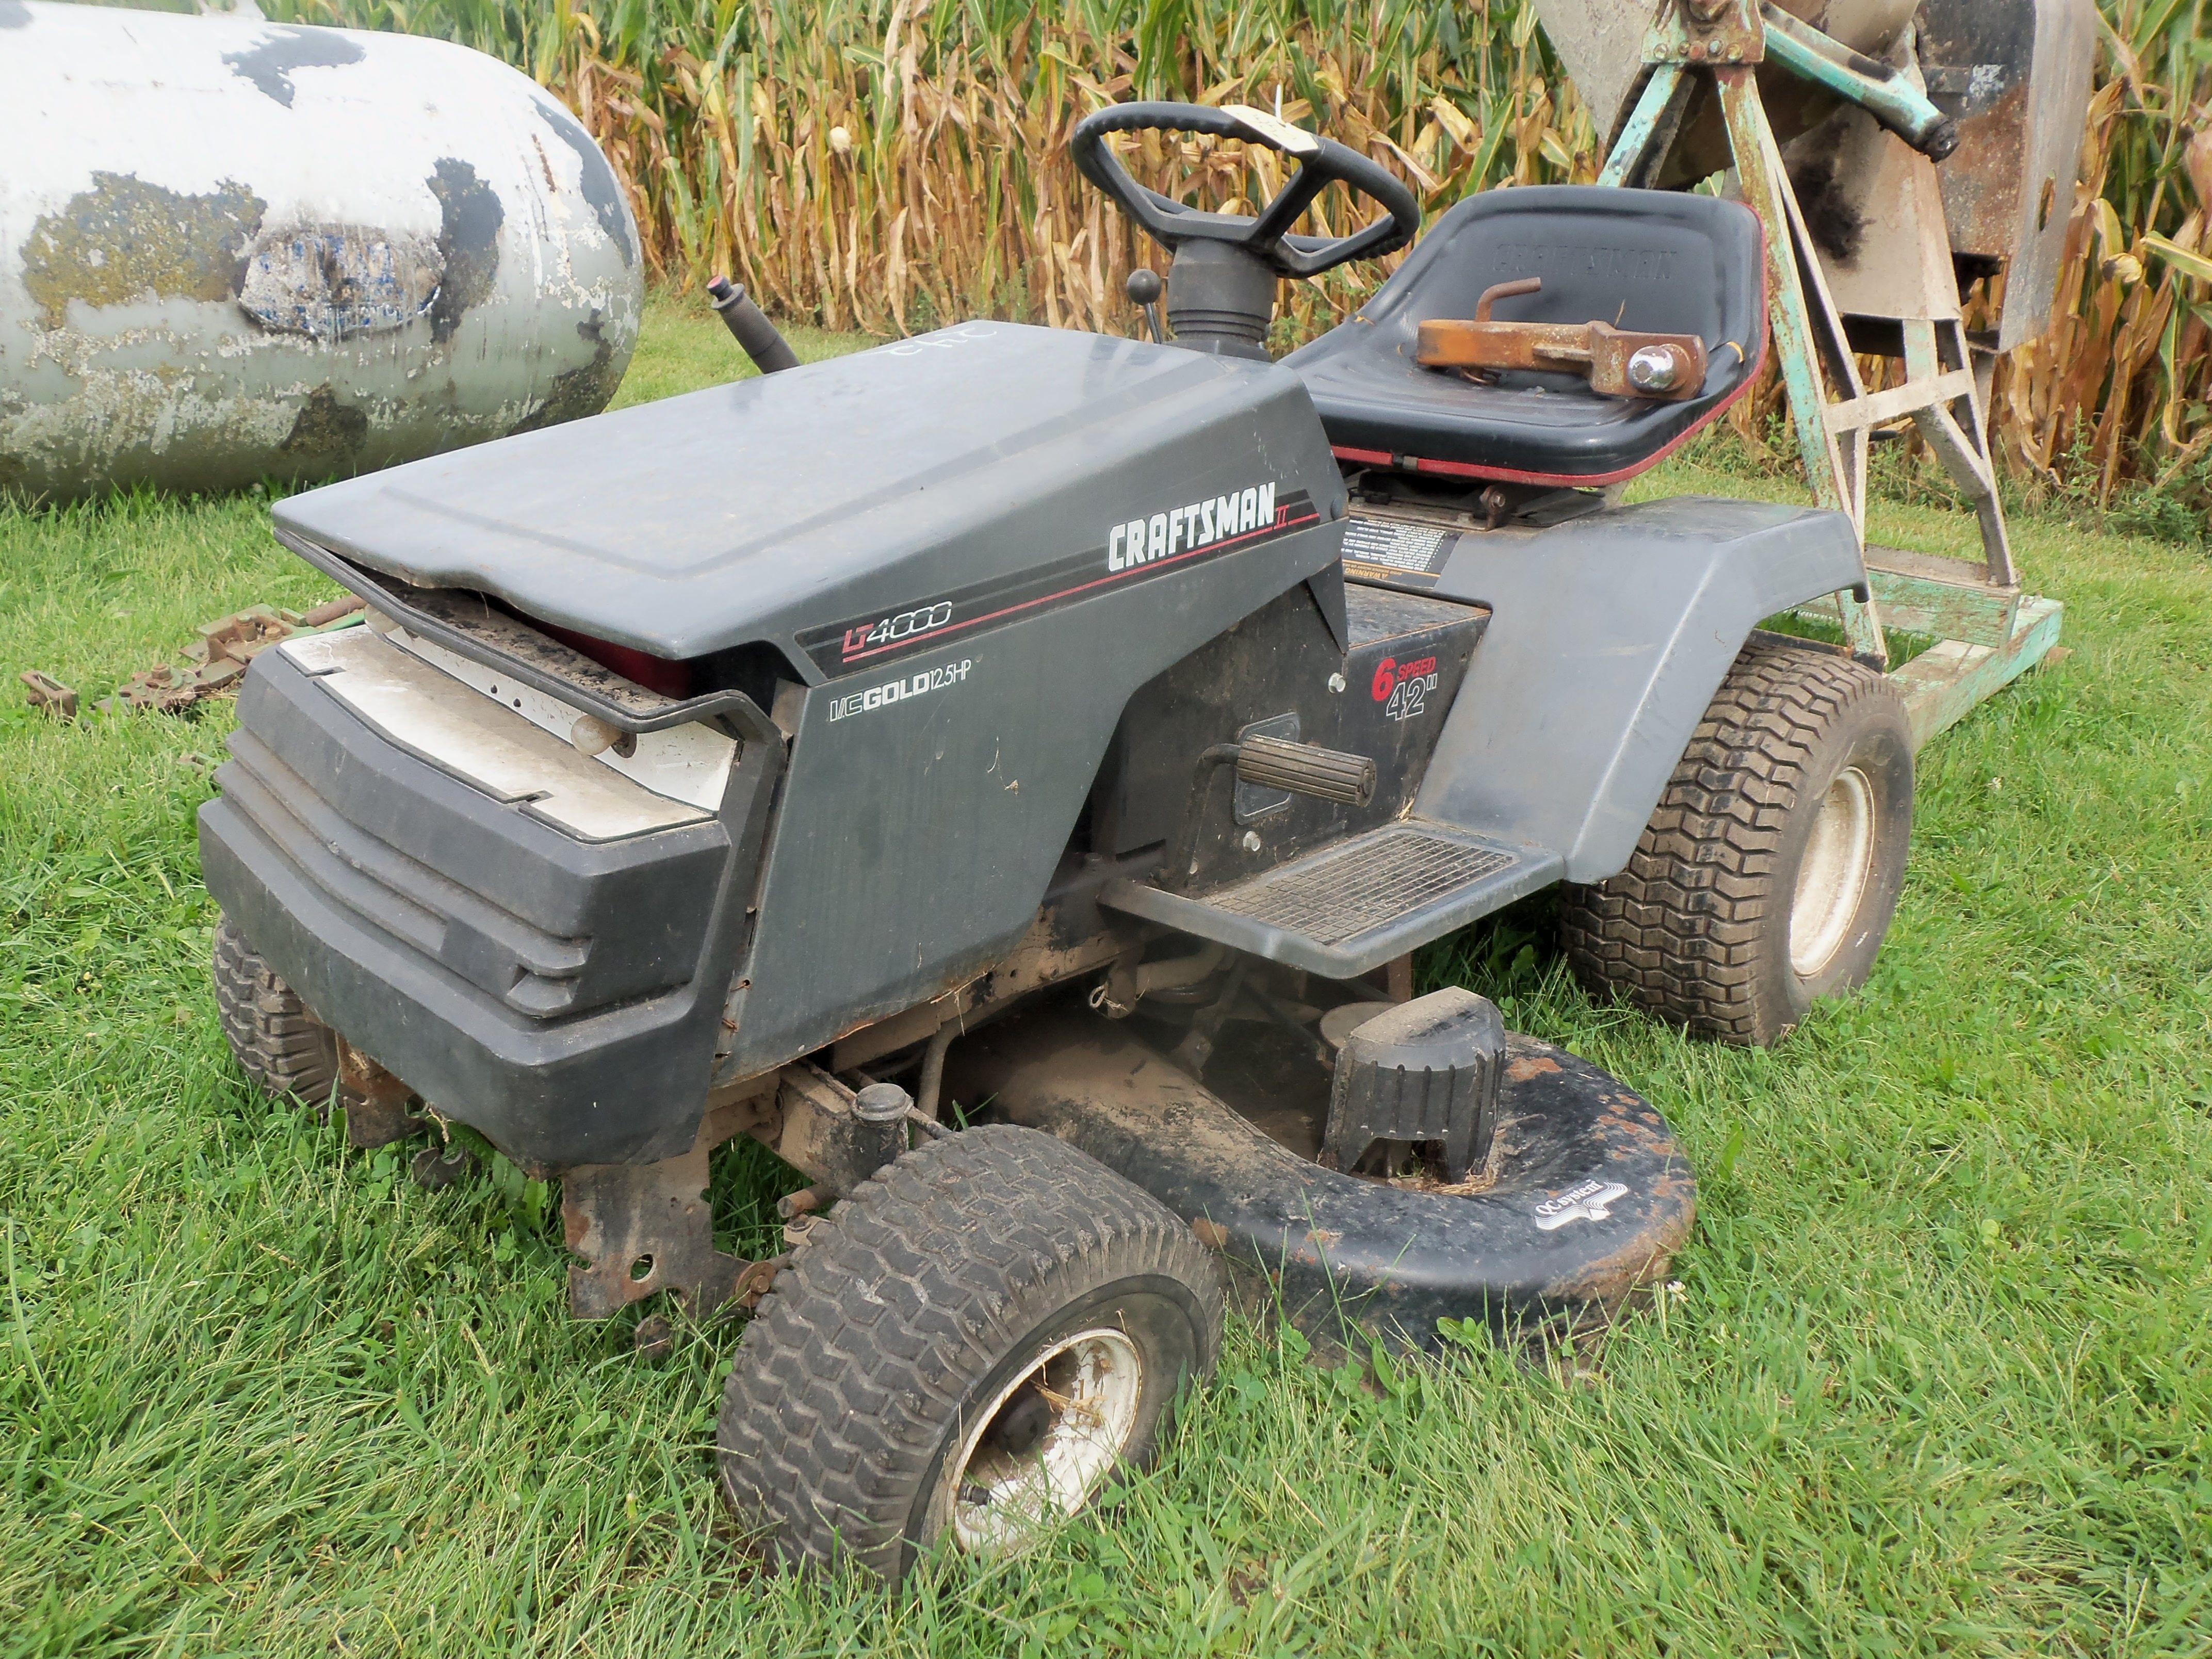 329d2b653c7c73060421b64b86d35aa5 craftsman lt4000 12 5hp lawn tractor tractors pinterest tractor craftsman lt4000 wiring diagram at cita.asia